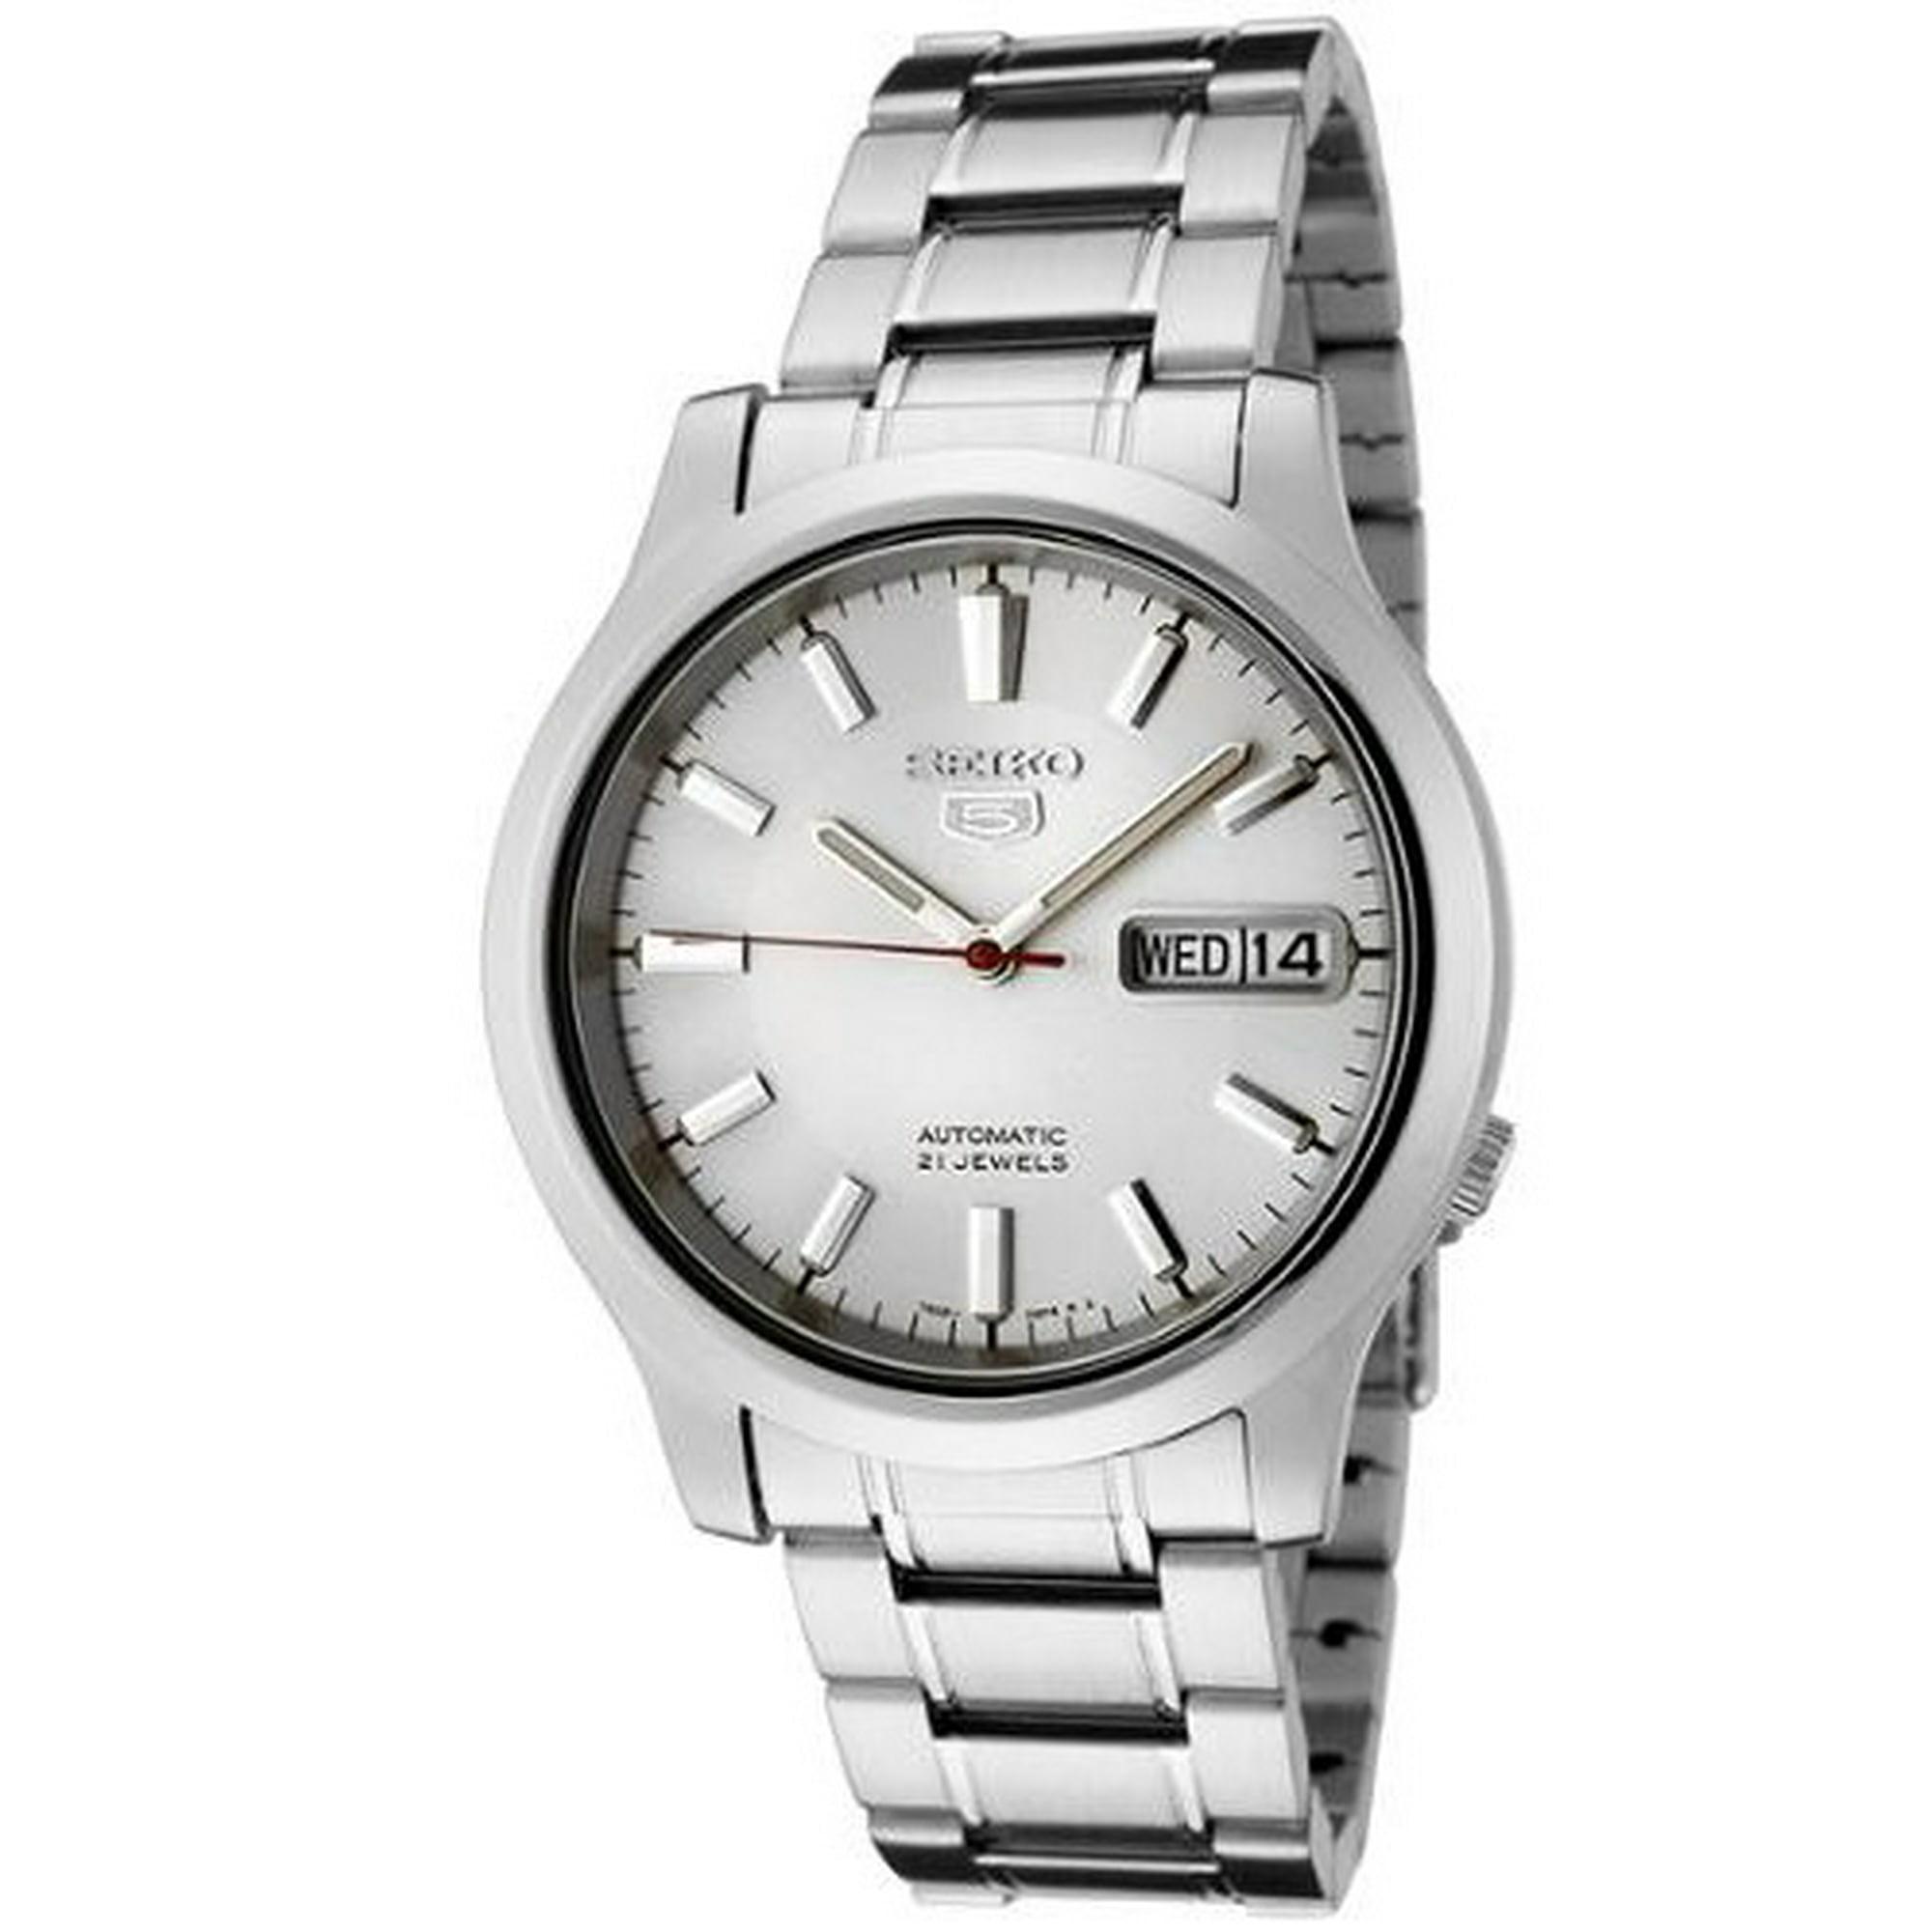 ed5f80df397 Buy Seiko Seiko 5 Automatic White Dial Mens Watch SNK789